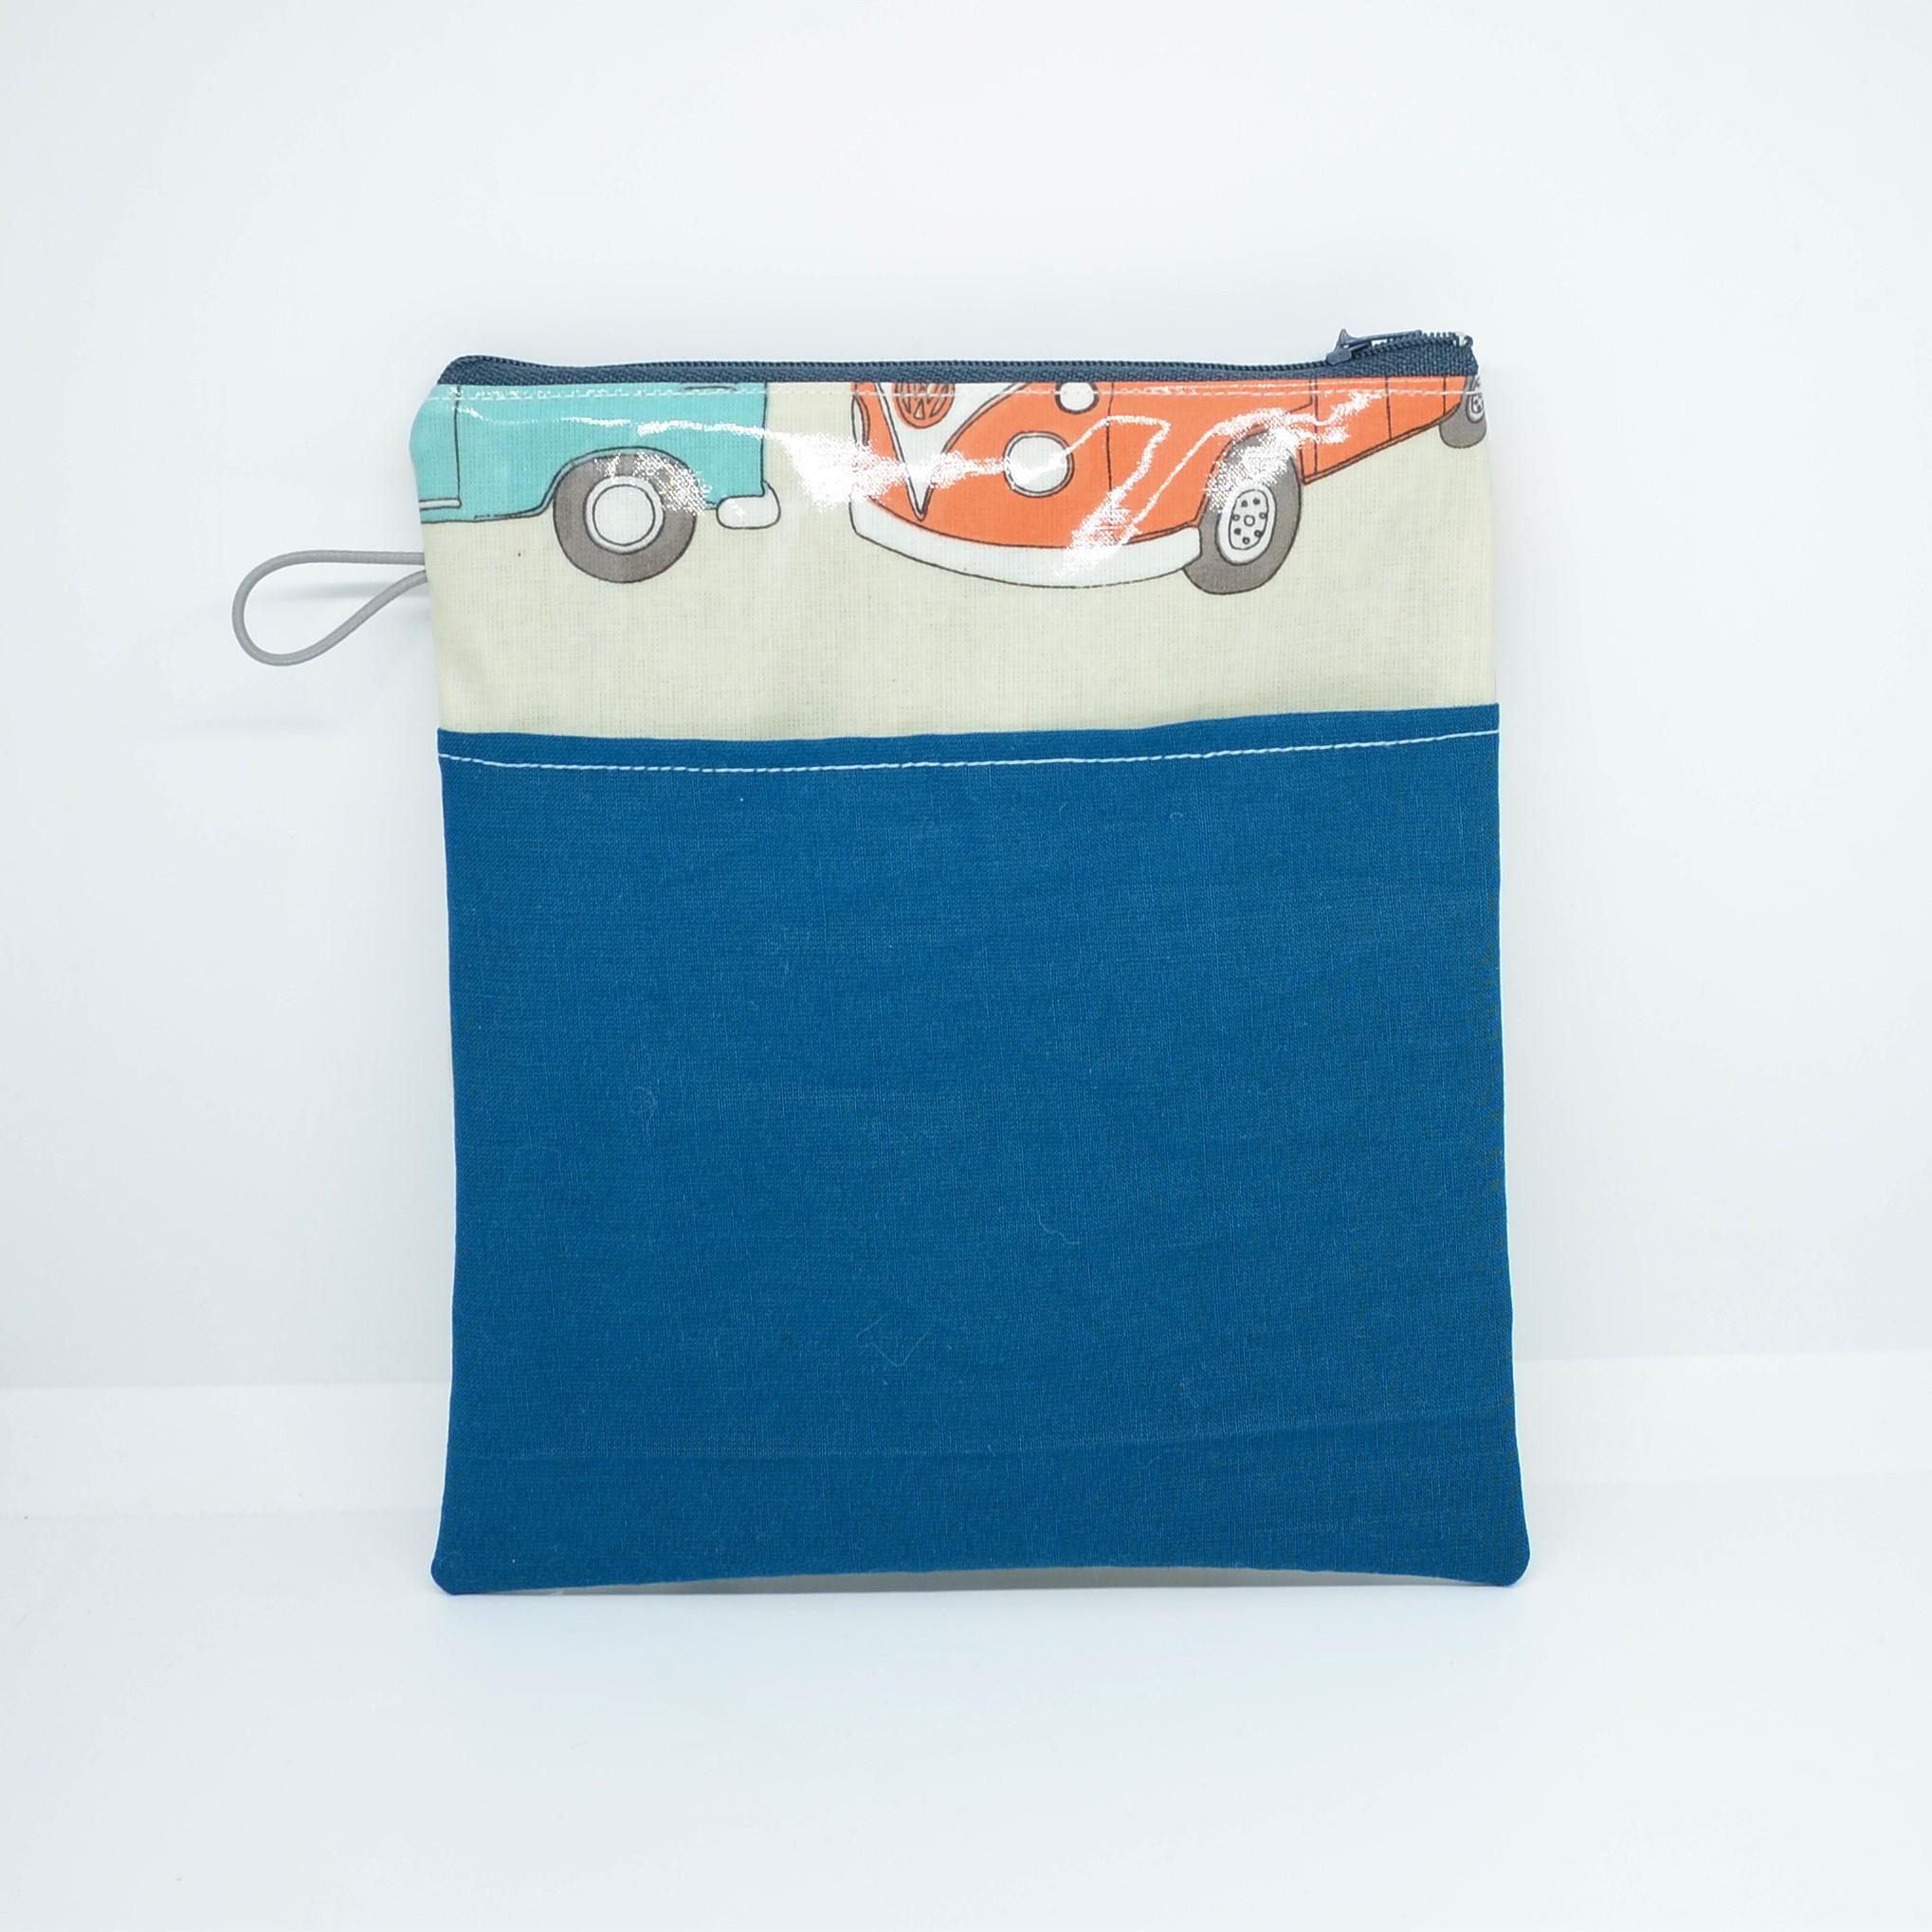 Tousse pour transporter ses lingettes propres et à nettoyer, enduit combi--9995747578268